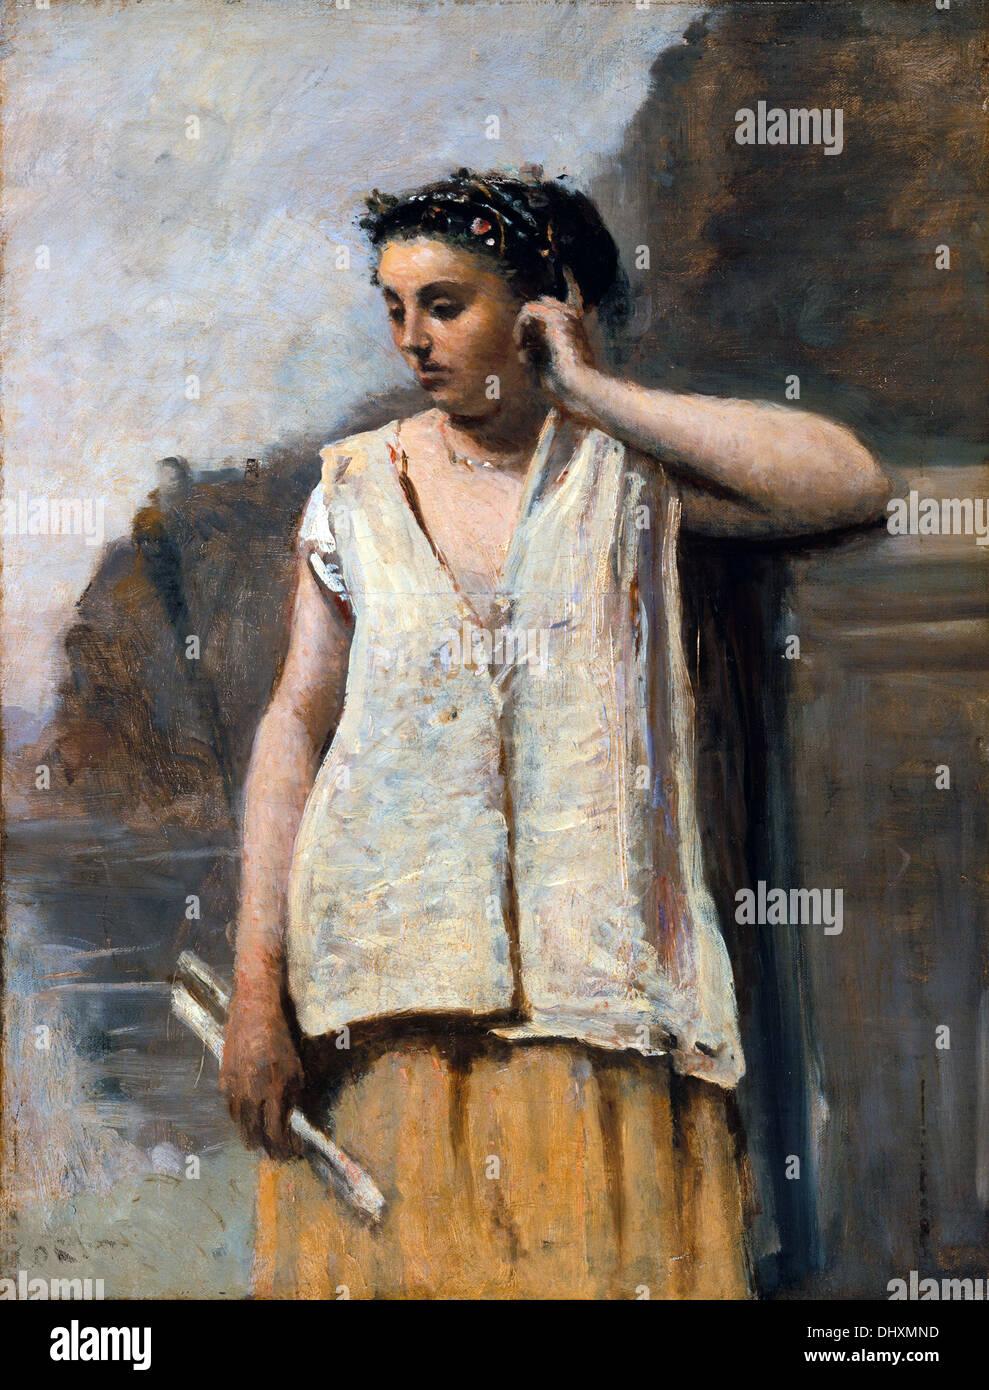 Die Muse-Geschichte - von Camille Corot, 1865 Stockbild